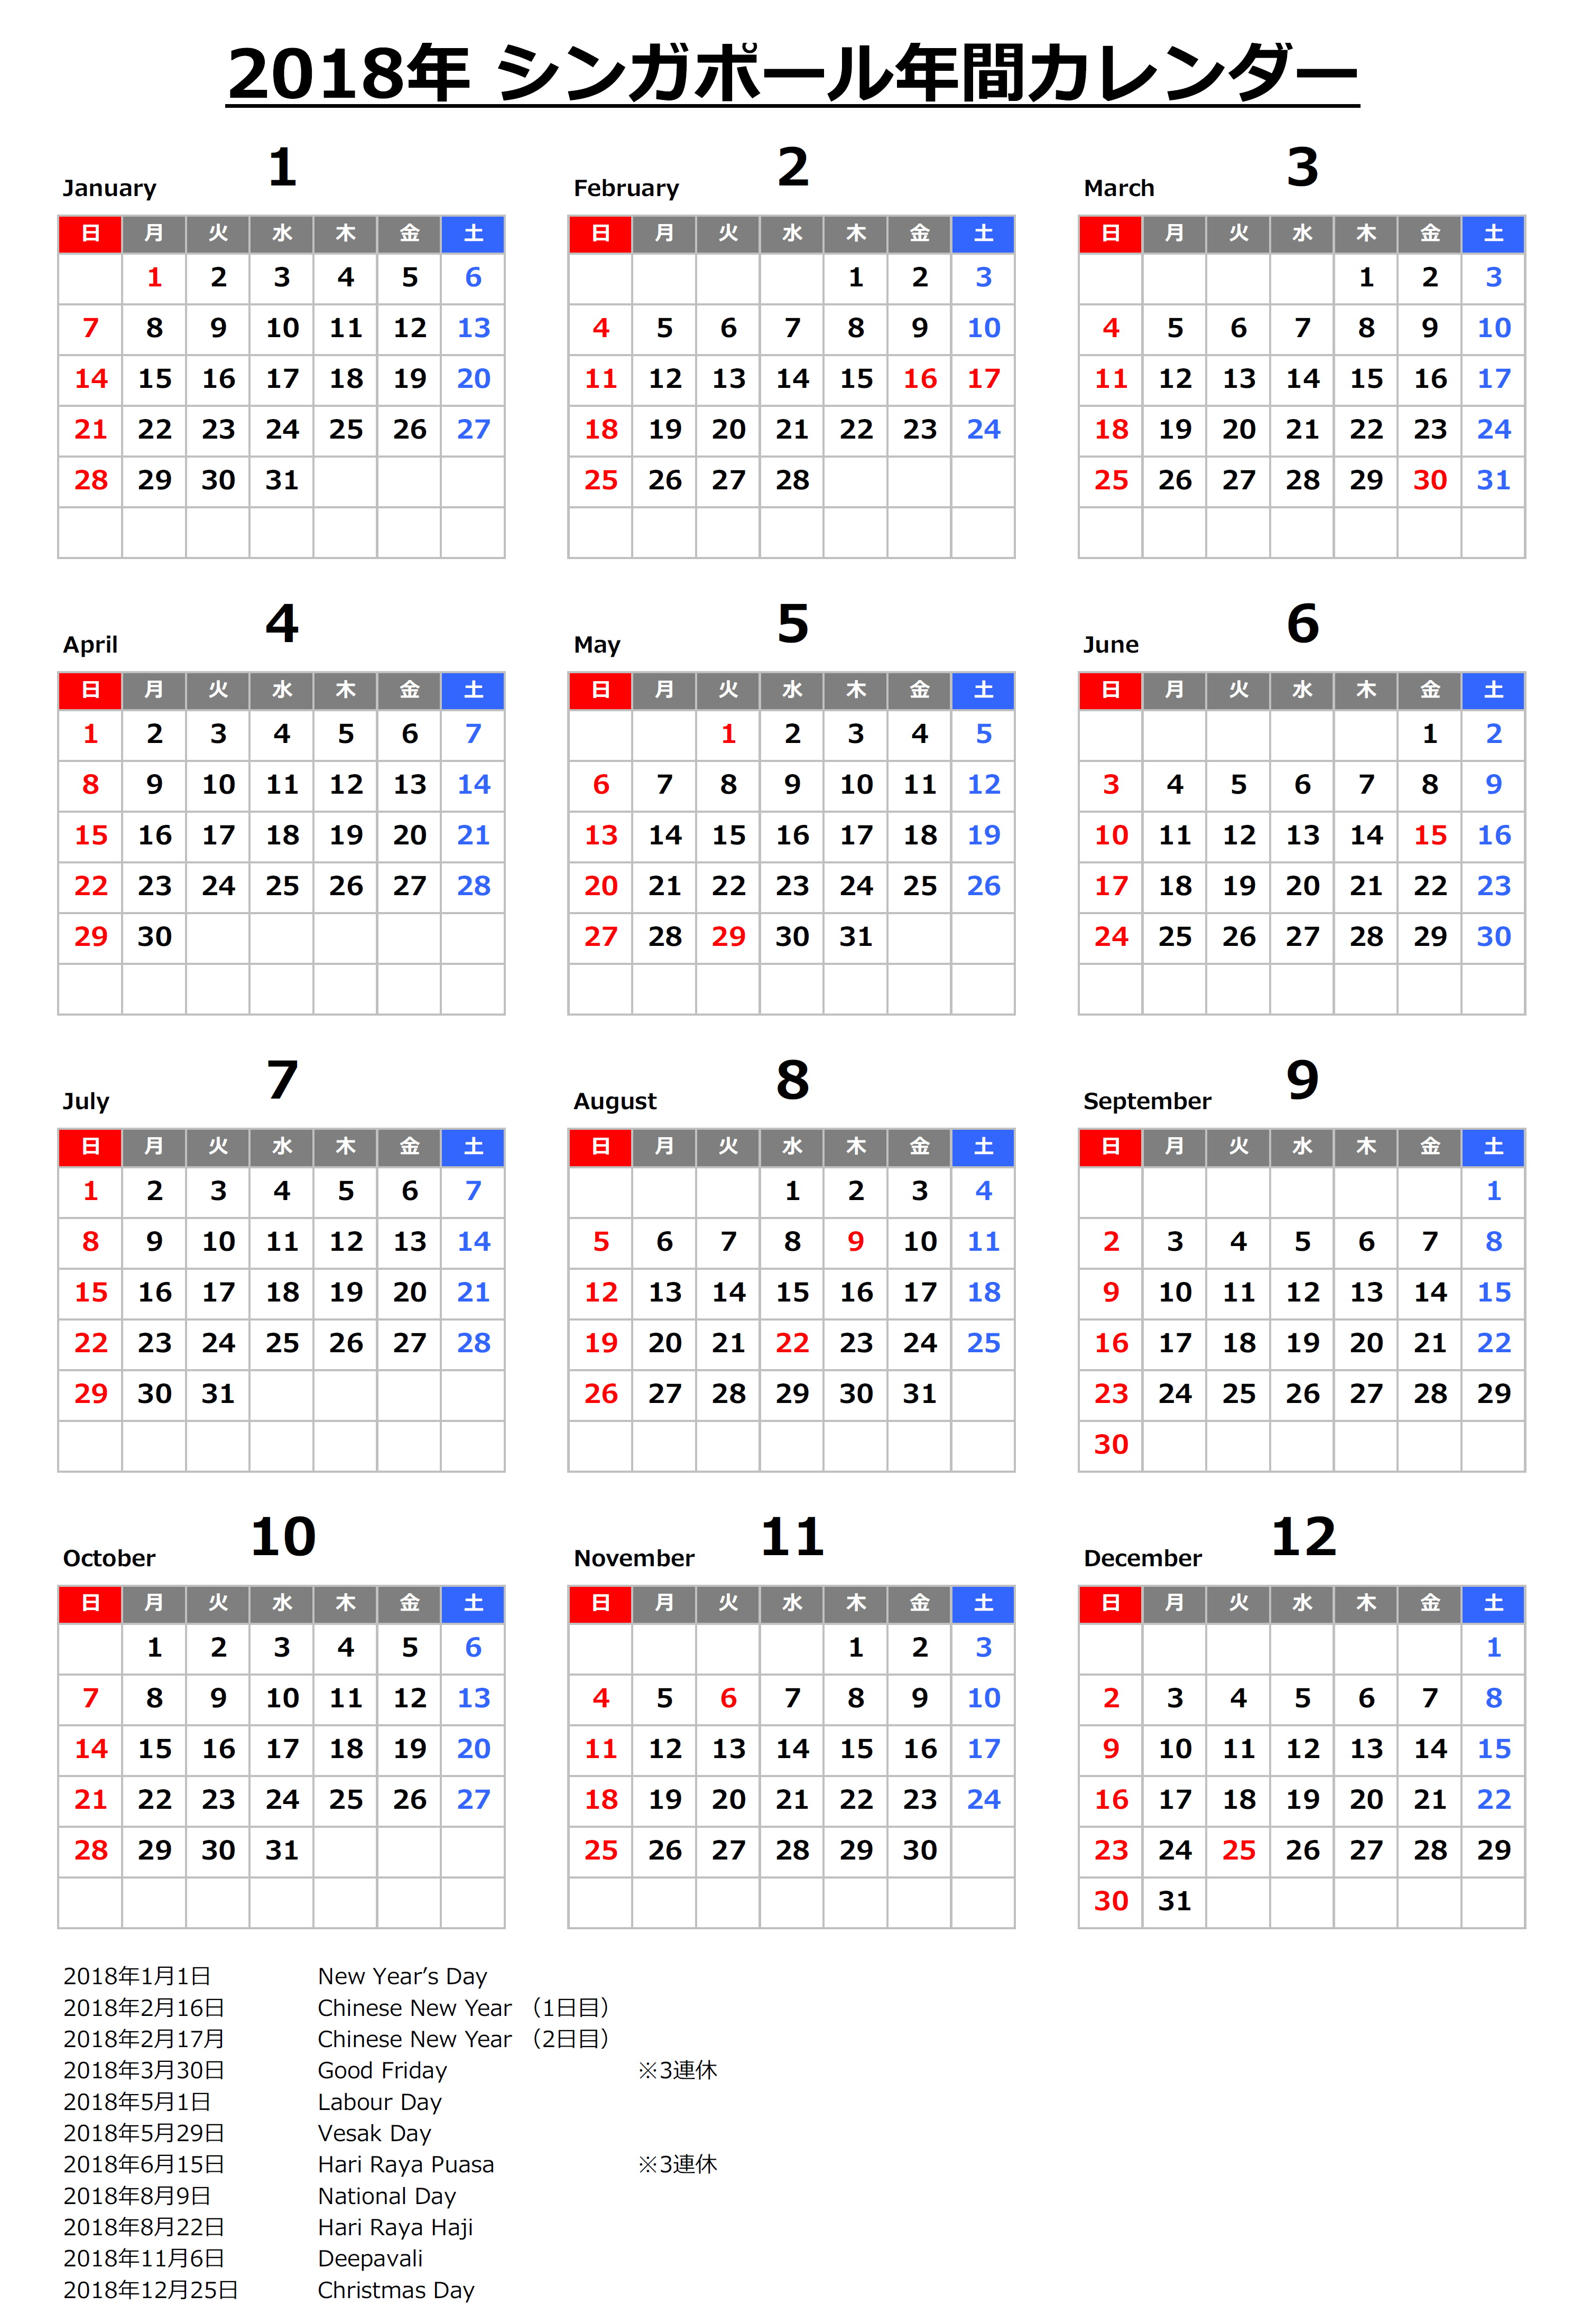 上記のカレンダーはクリックして拡大できる。 カレンダーのPDFファイルはこちらから。 以上、2019年